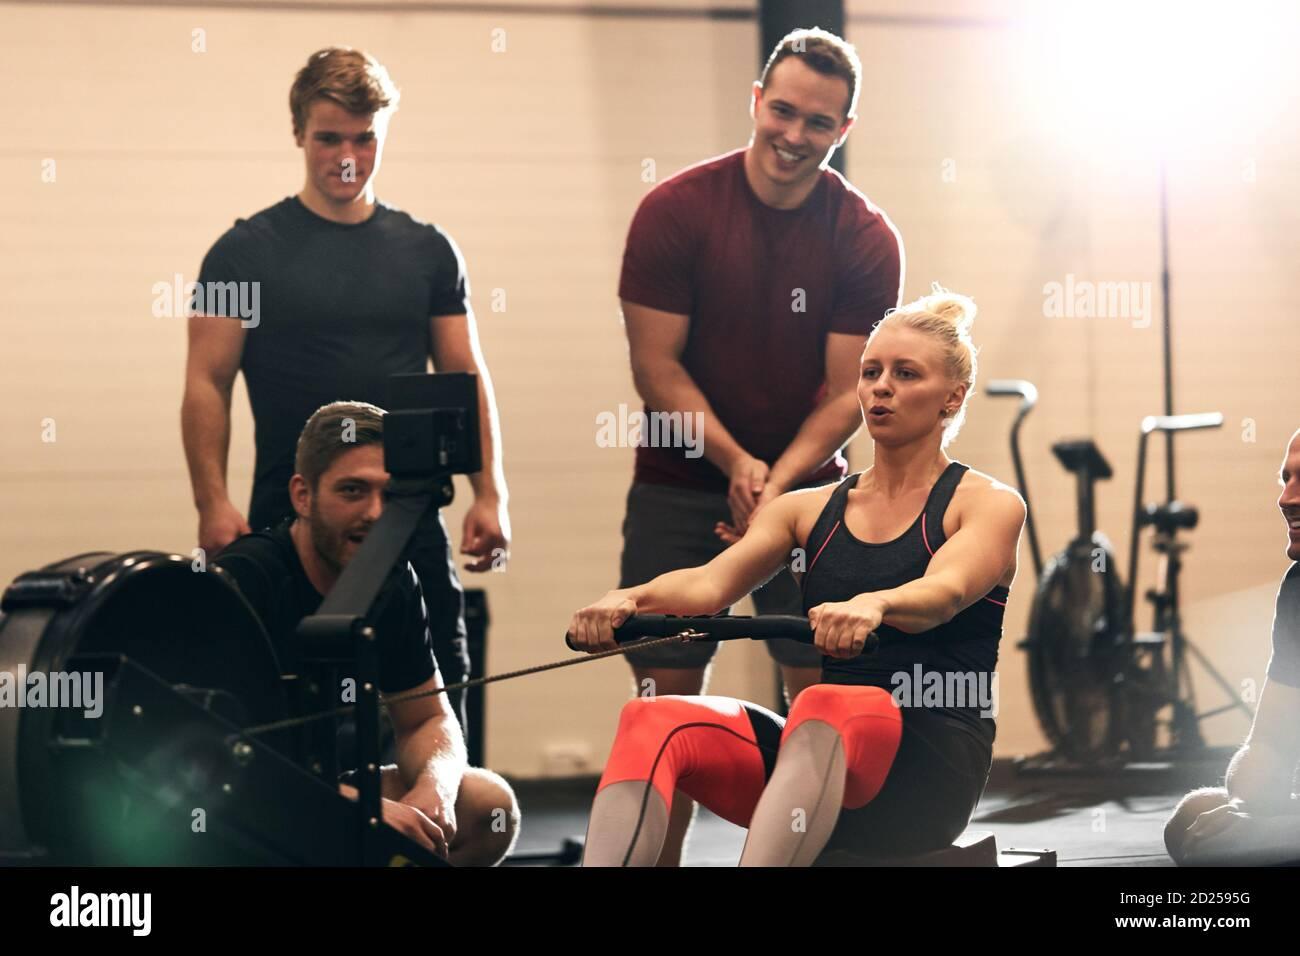 Mettre en forme la jeune femme étant soutenue par ses amis souriants de gym pendant un entraînement sur une machine à ramer Banque D'Images